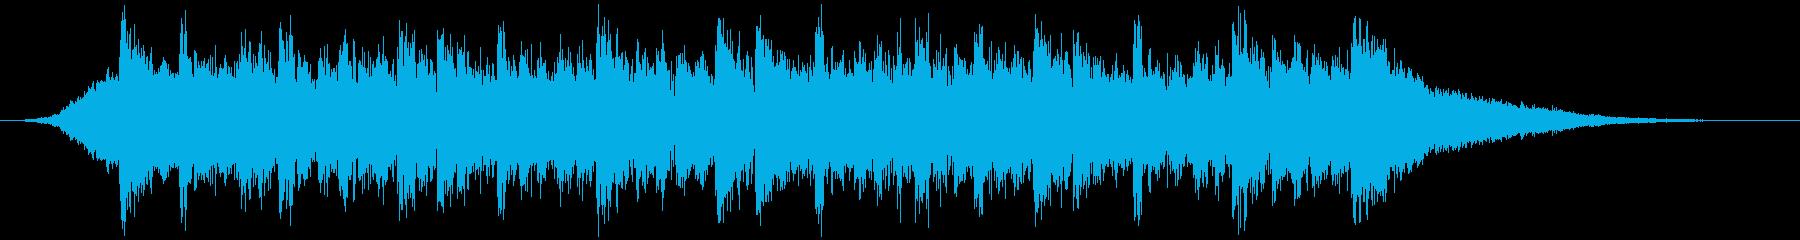 企業VPや映像30、壮大、オーケストラbの再生済みの波形